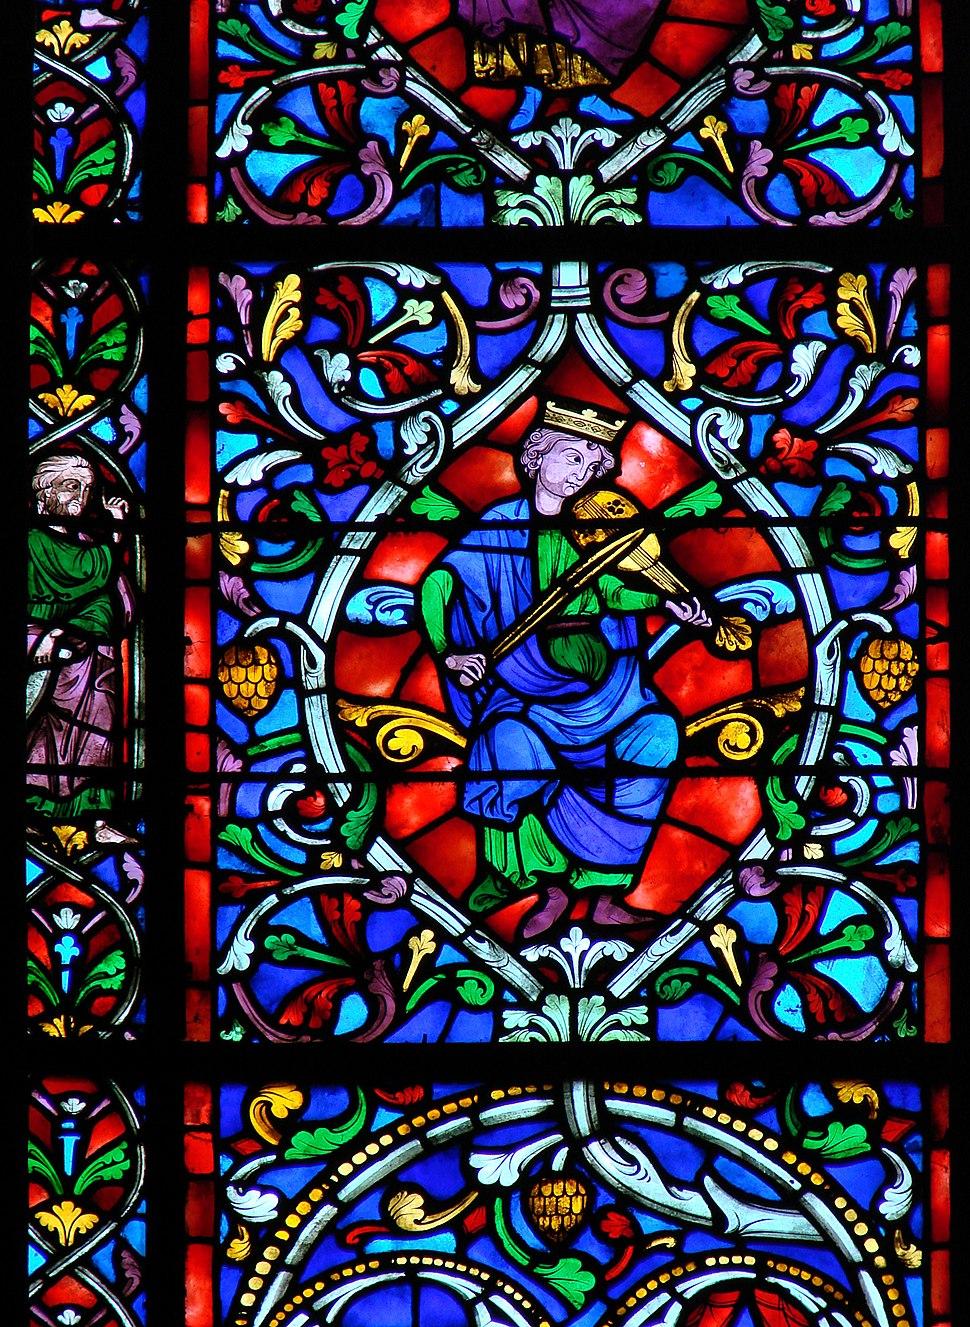 Vitrail du 19ème siècle Le Roi David Reims 020208 01